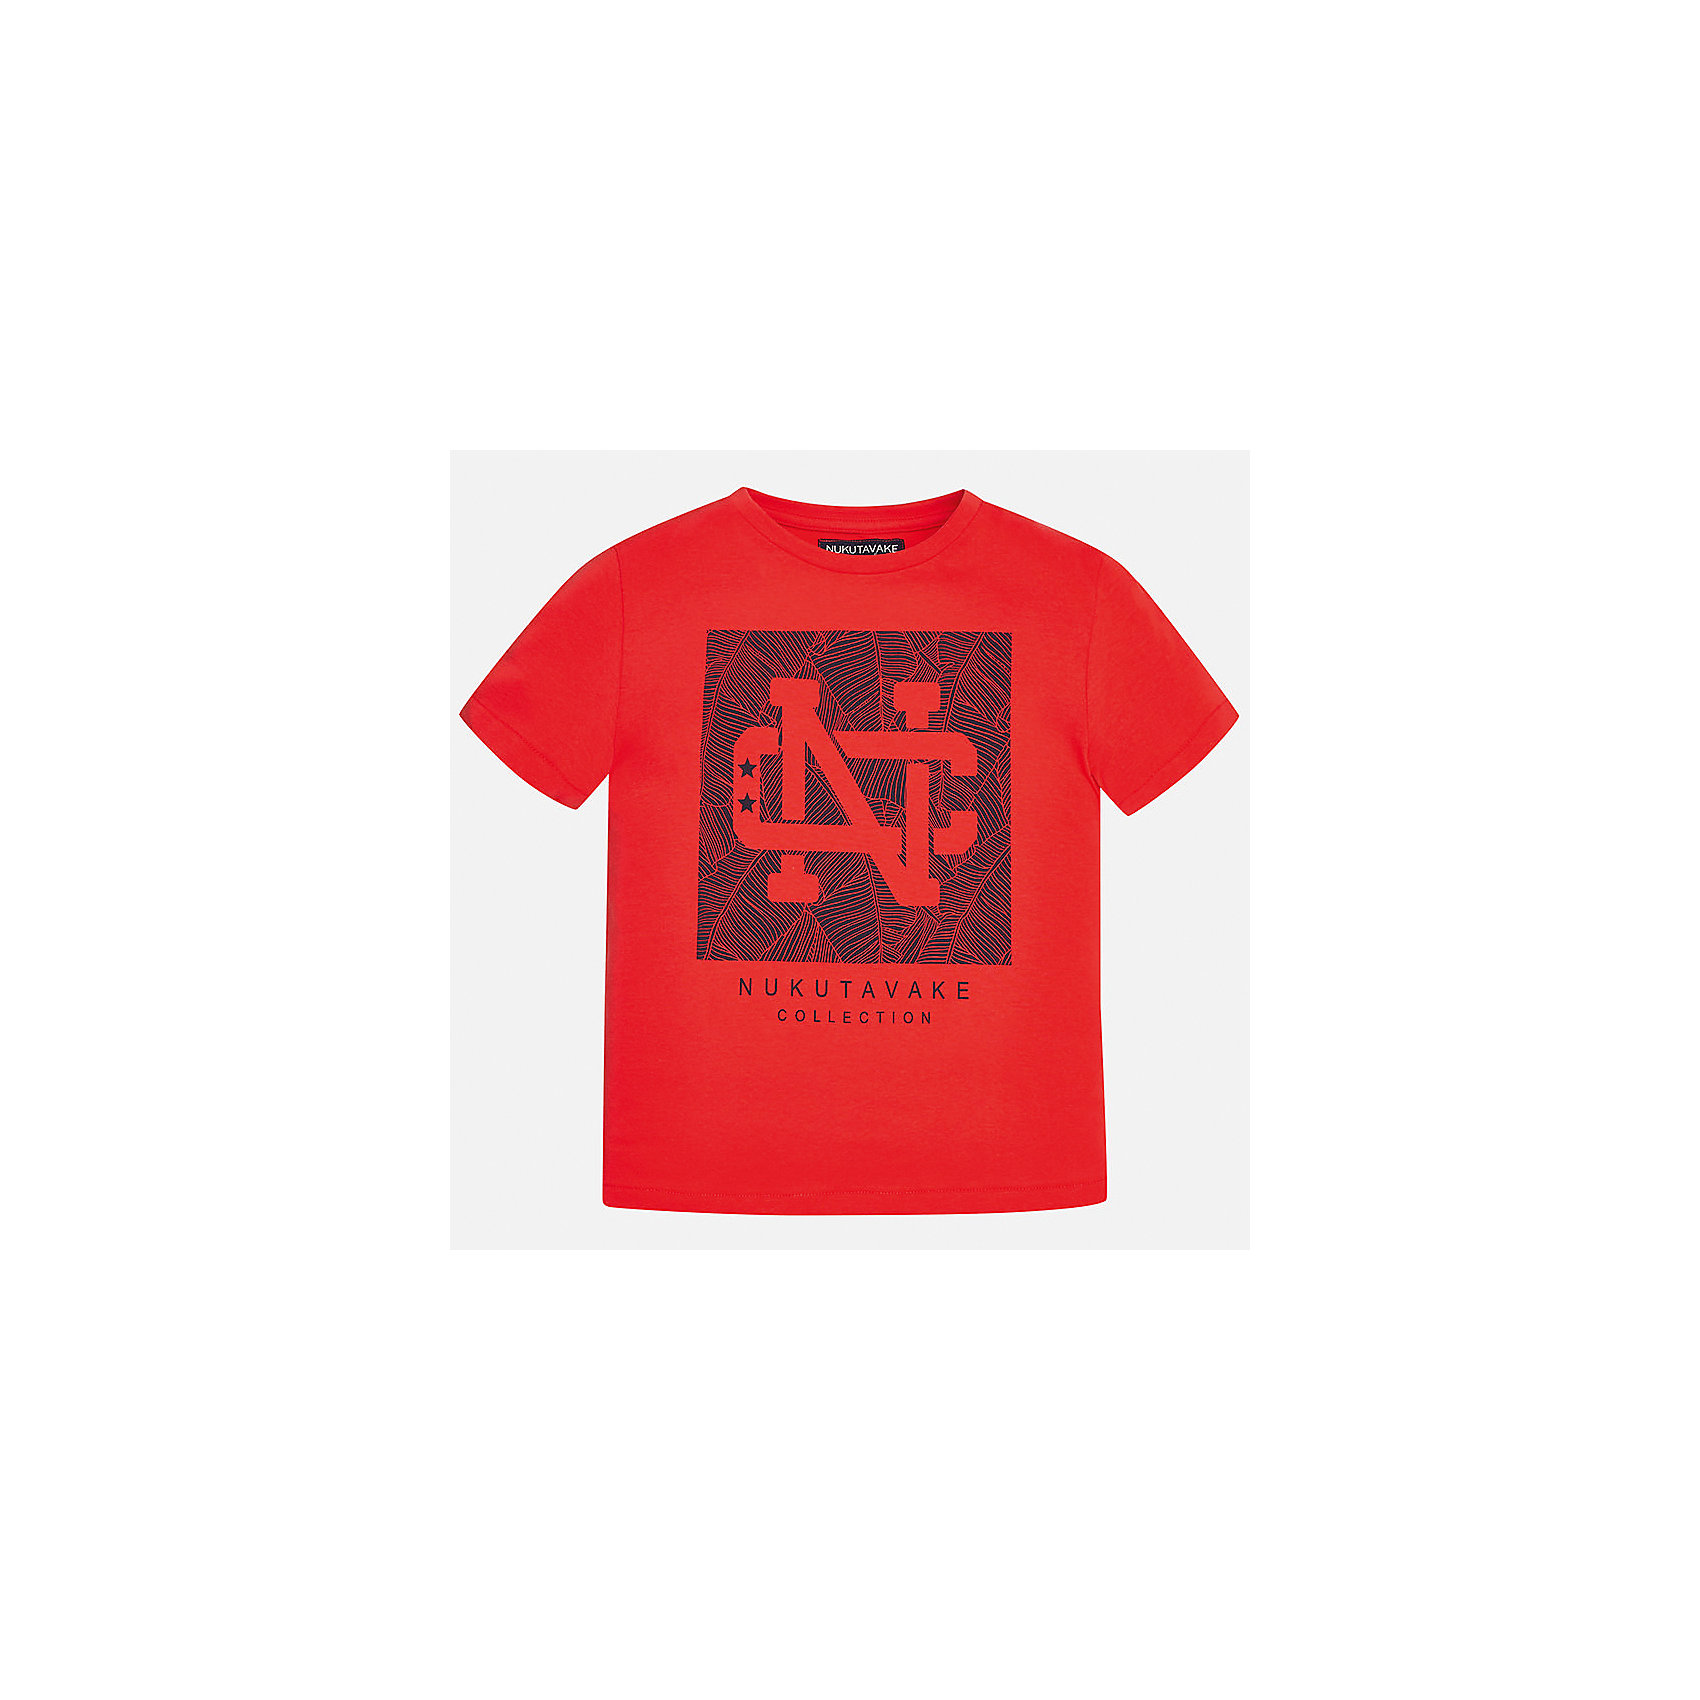 Футболка для мальчика MayoralФутболки, поло и топы<br>Характеристики товара:<br><br>• цвет: красный<br>• состав: 100% хлопок<br>• круглый горловой вырез<br>• декорирована принтом<br>• короткие рукава<br>• отделка горловины<br>• страна бренда: Испания<br><br>Стильная удобная футболка с принтом поможет разнообразить гардероб мальчика. Она отлично сочетается с брюками, шортами, джинсами. Универсальный крой и цвет позволяет подобрать к вещи низ разных расцветок. Практичное и стильное изделие! Хорошо смотрится и комфортно сидит на детях. В составе материала - натуральный хлопок, гипоаллергенный, приятный на ощупь, дышащий. <br><br>Одежда, обувь и аксессуары от испанского бренда Mayoral полюбились детям и взрослым по всему миру. Модели этой марки - стильные и удобные. Для их производства используются только безопасные, качественные материалы и фурнитура. Порадуйте ребенка модными и красивыми вещами от Mayoral! <br><br>Футболку для мальчика от испанского бренда Mayoral (Майорал) можно купить в нашем интернет-магазине.<br><br>Ширина мм: 199<br>Глубина мм: 10<br>Высота мм: 161<br>Вес г: 151<br>Цвет: розовый<br>Возраст от месяцев: 96<br>Возраст до месяцев: 108<br>Пол: Мужской<br>Возраст: Детский<br>Размер: 140,128/134,164,152,158,170<br>SKU: 5278293